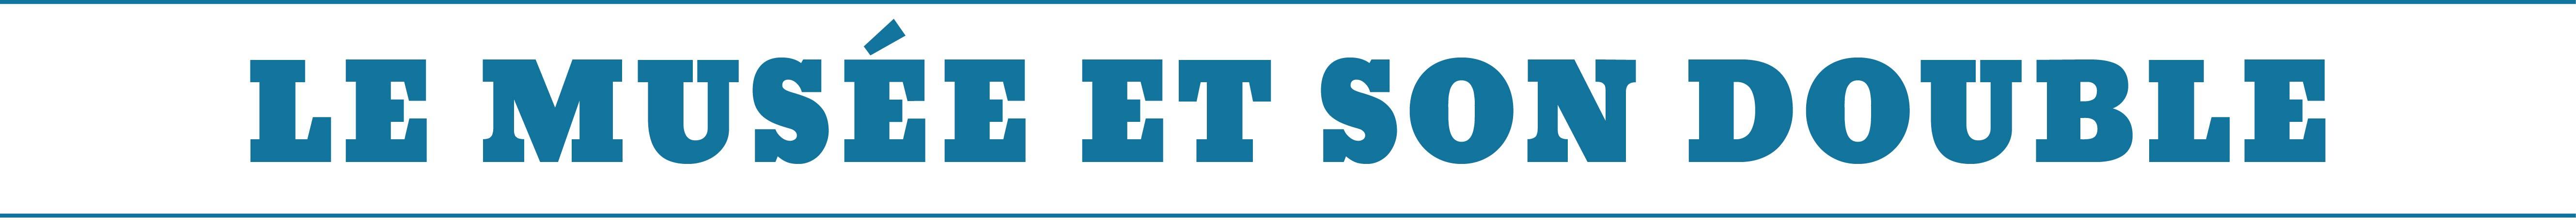 musee de bretagne, numerisation, mise en ligne, acces libre, indexation collaborative, rennes, photographie, theatre d`objet, journées européennes du patrimoine 2017, compagnie la bande passante